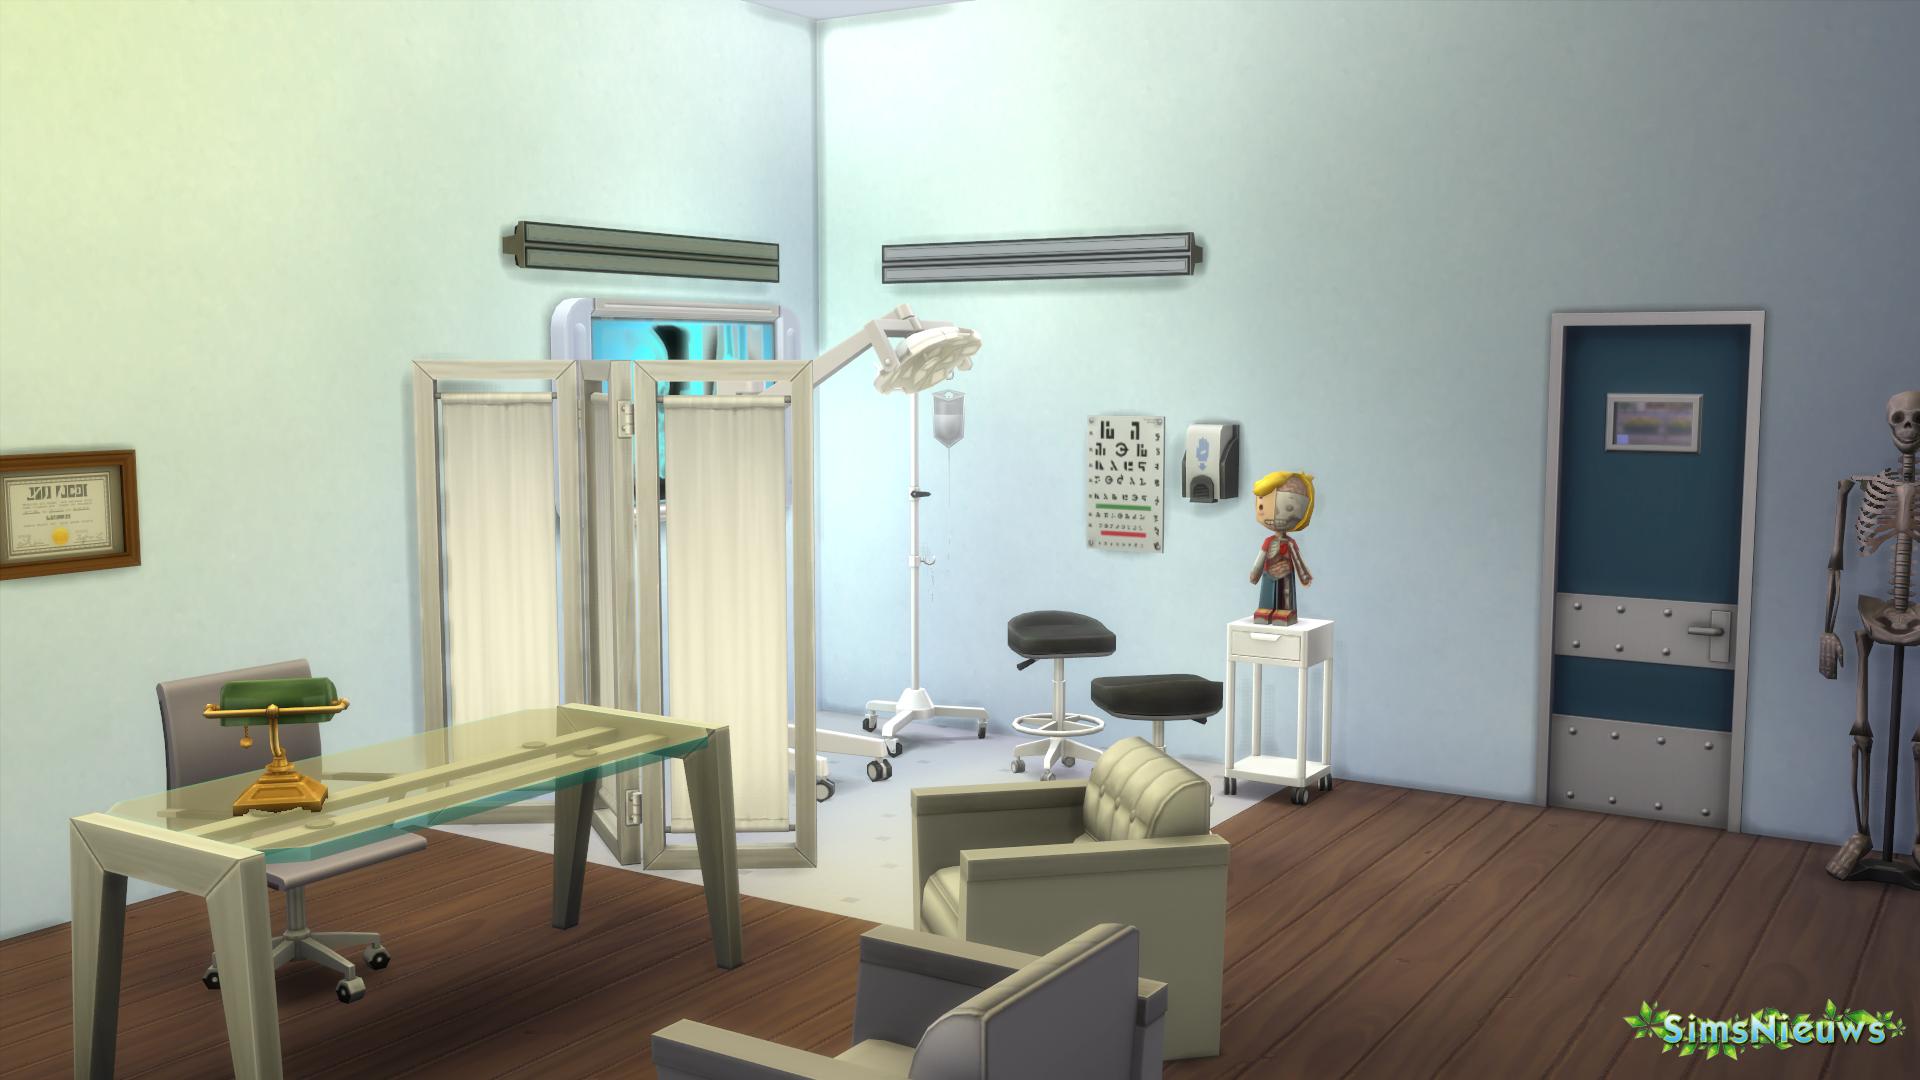 De nieuwe ingerichte kamer met de vrij te spelen items